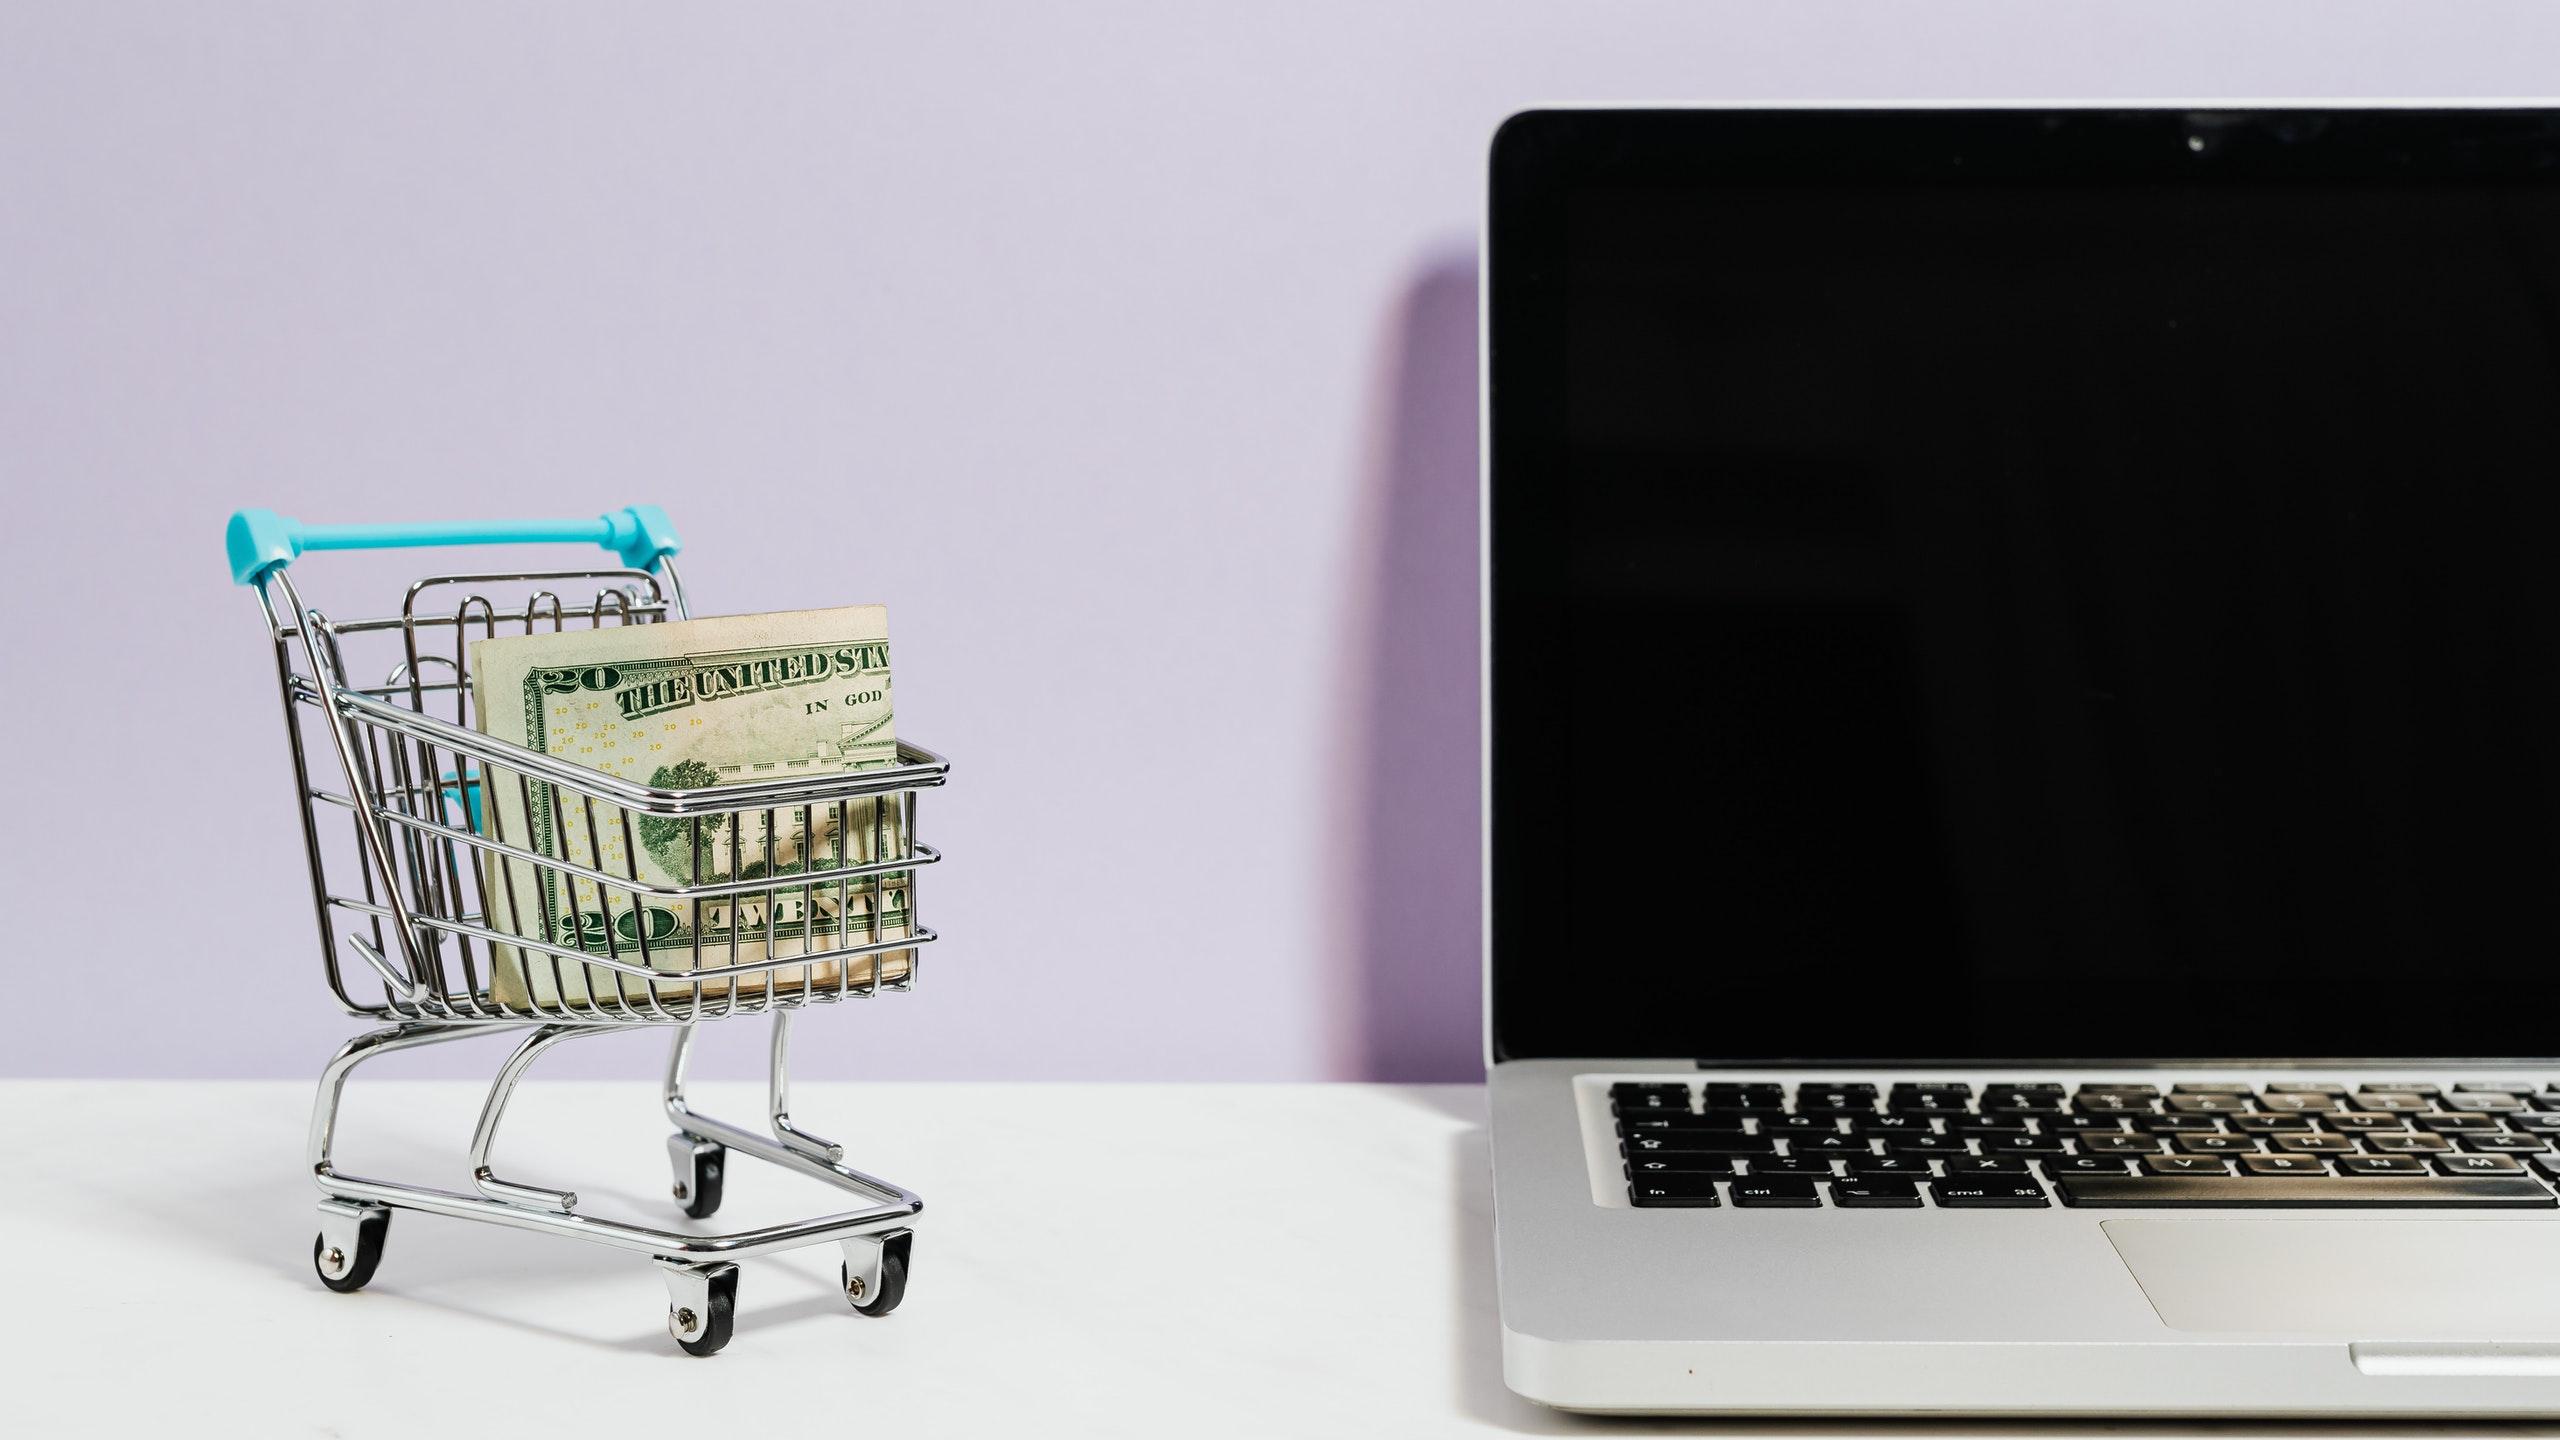 simplifi budgeting app